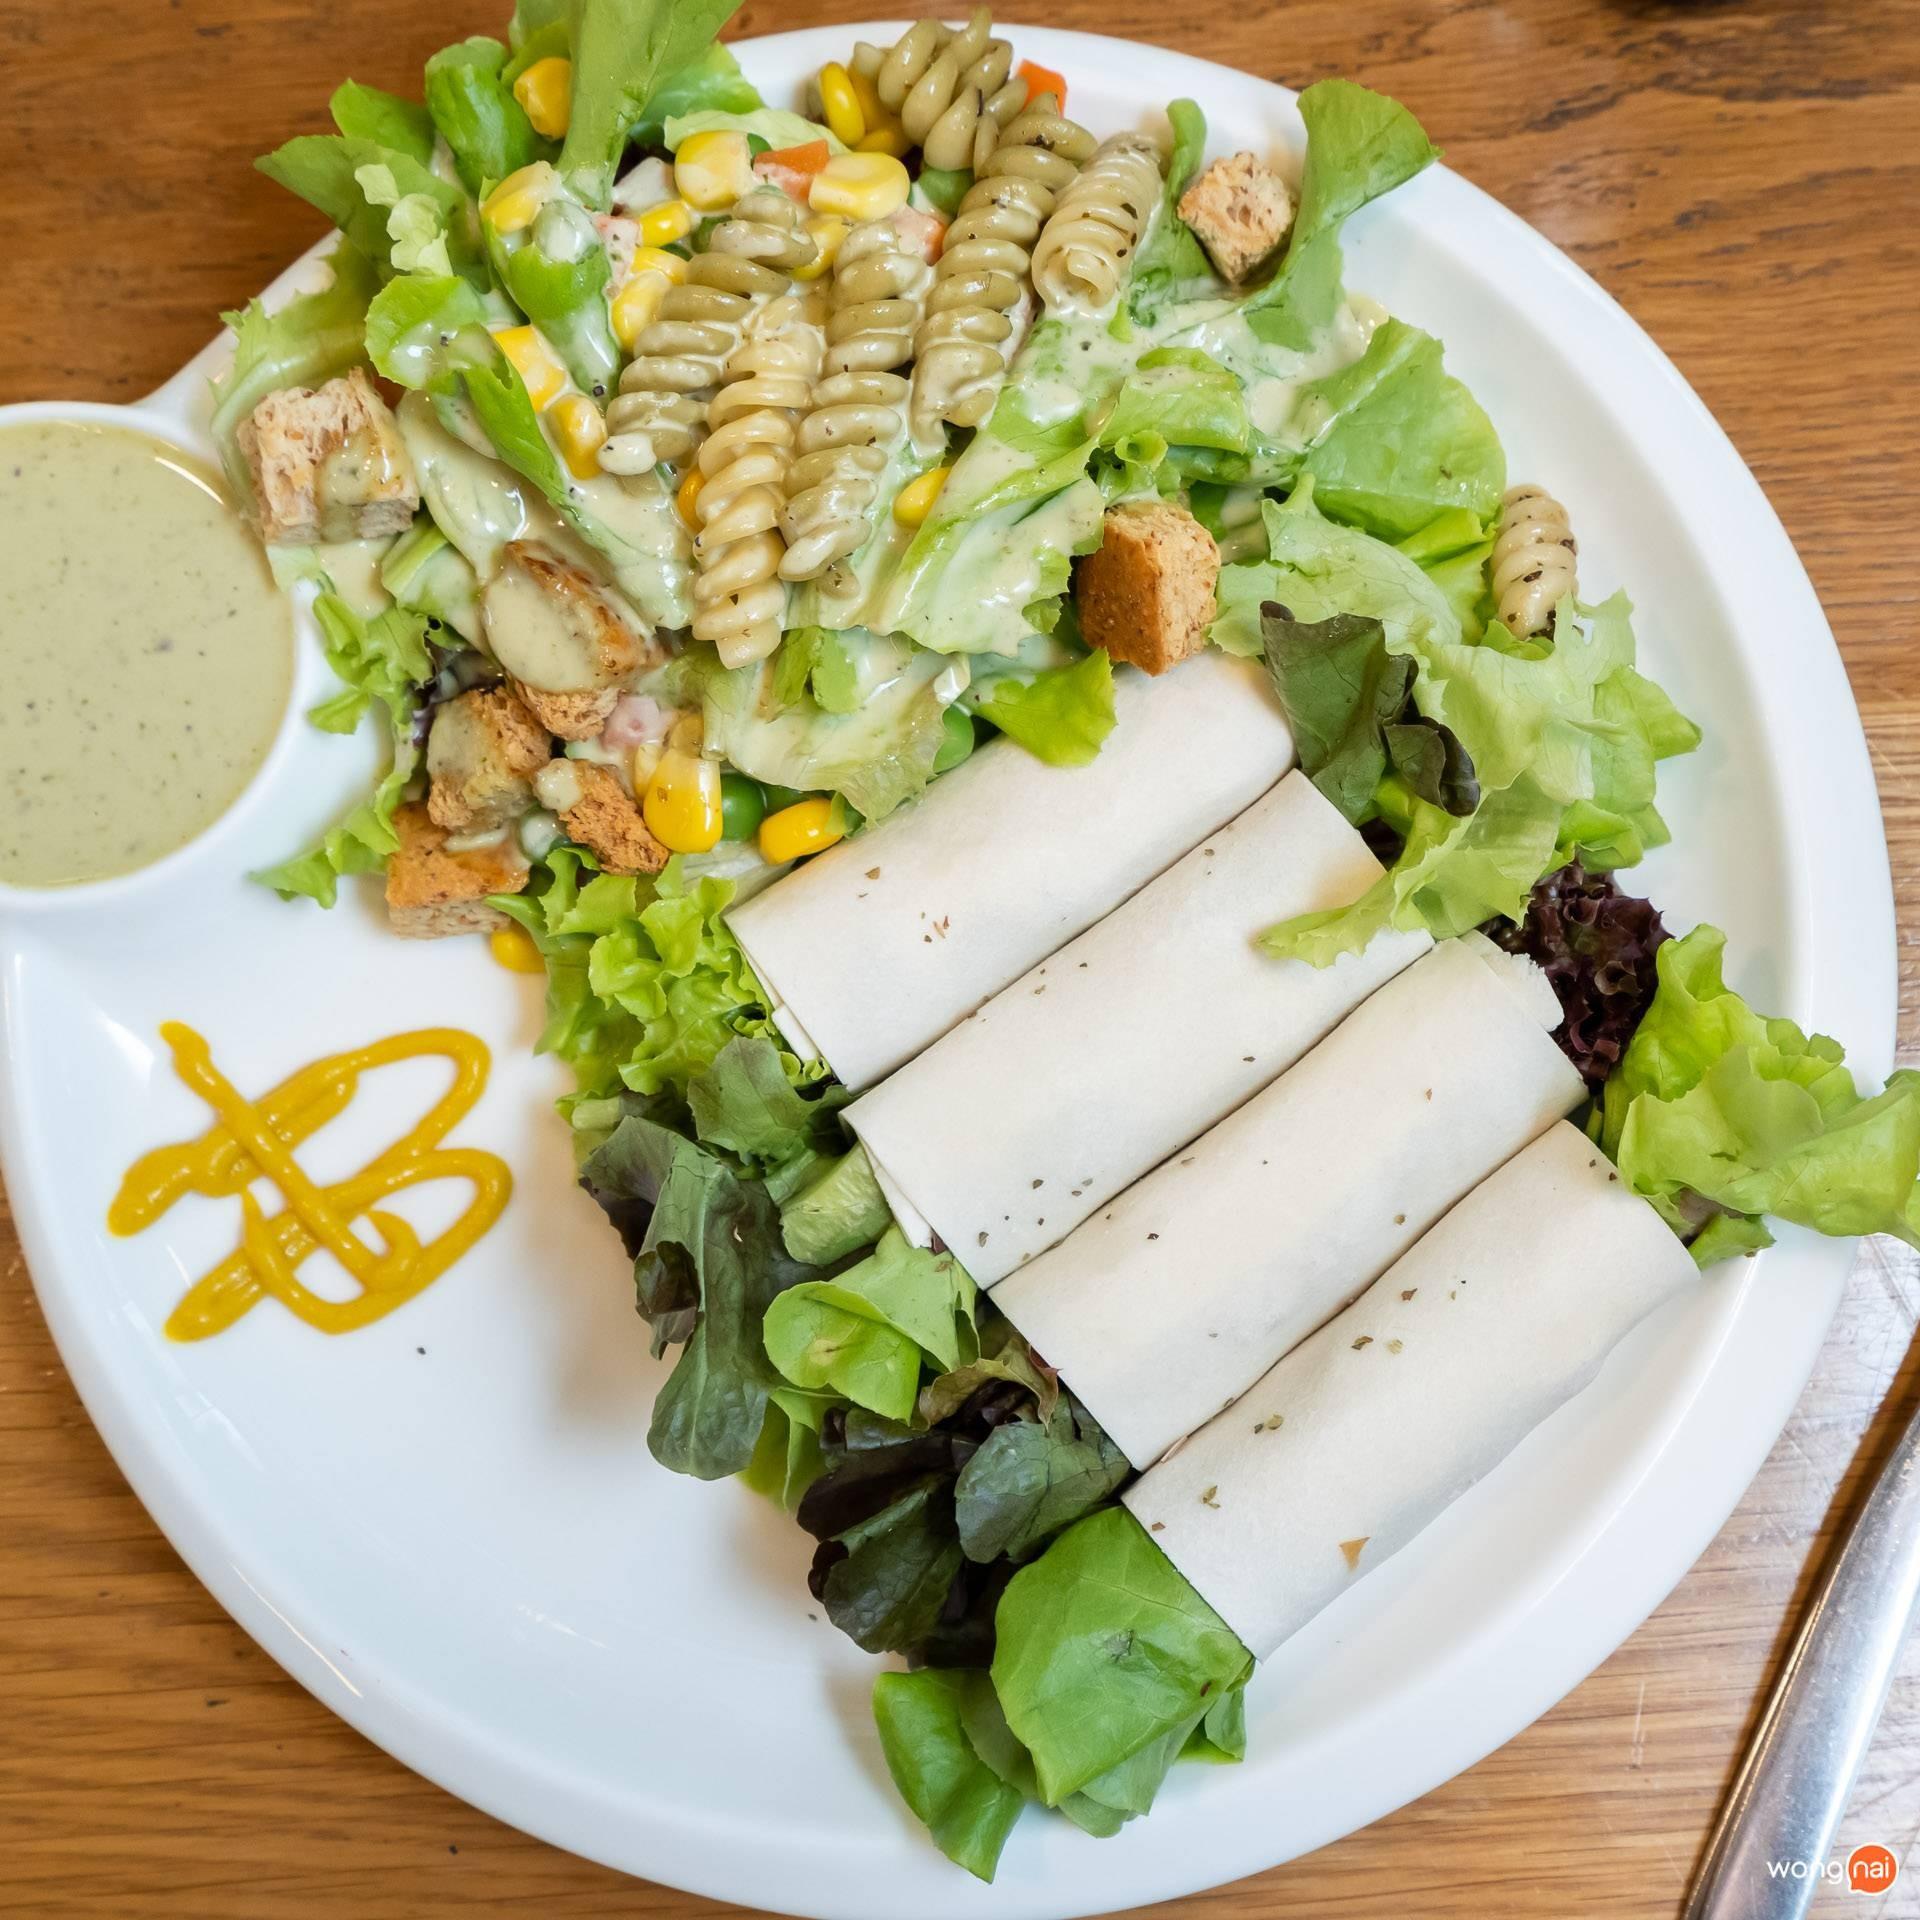 Saladburi